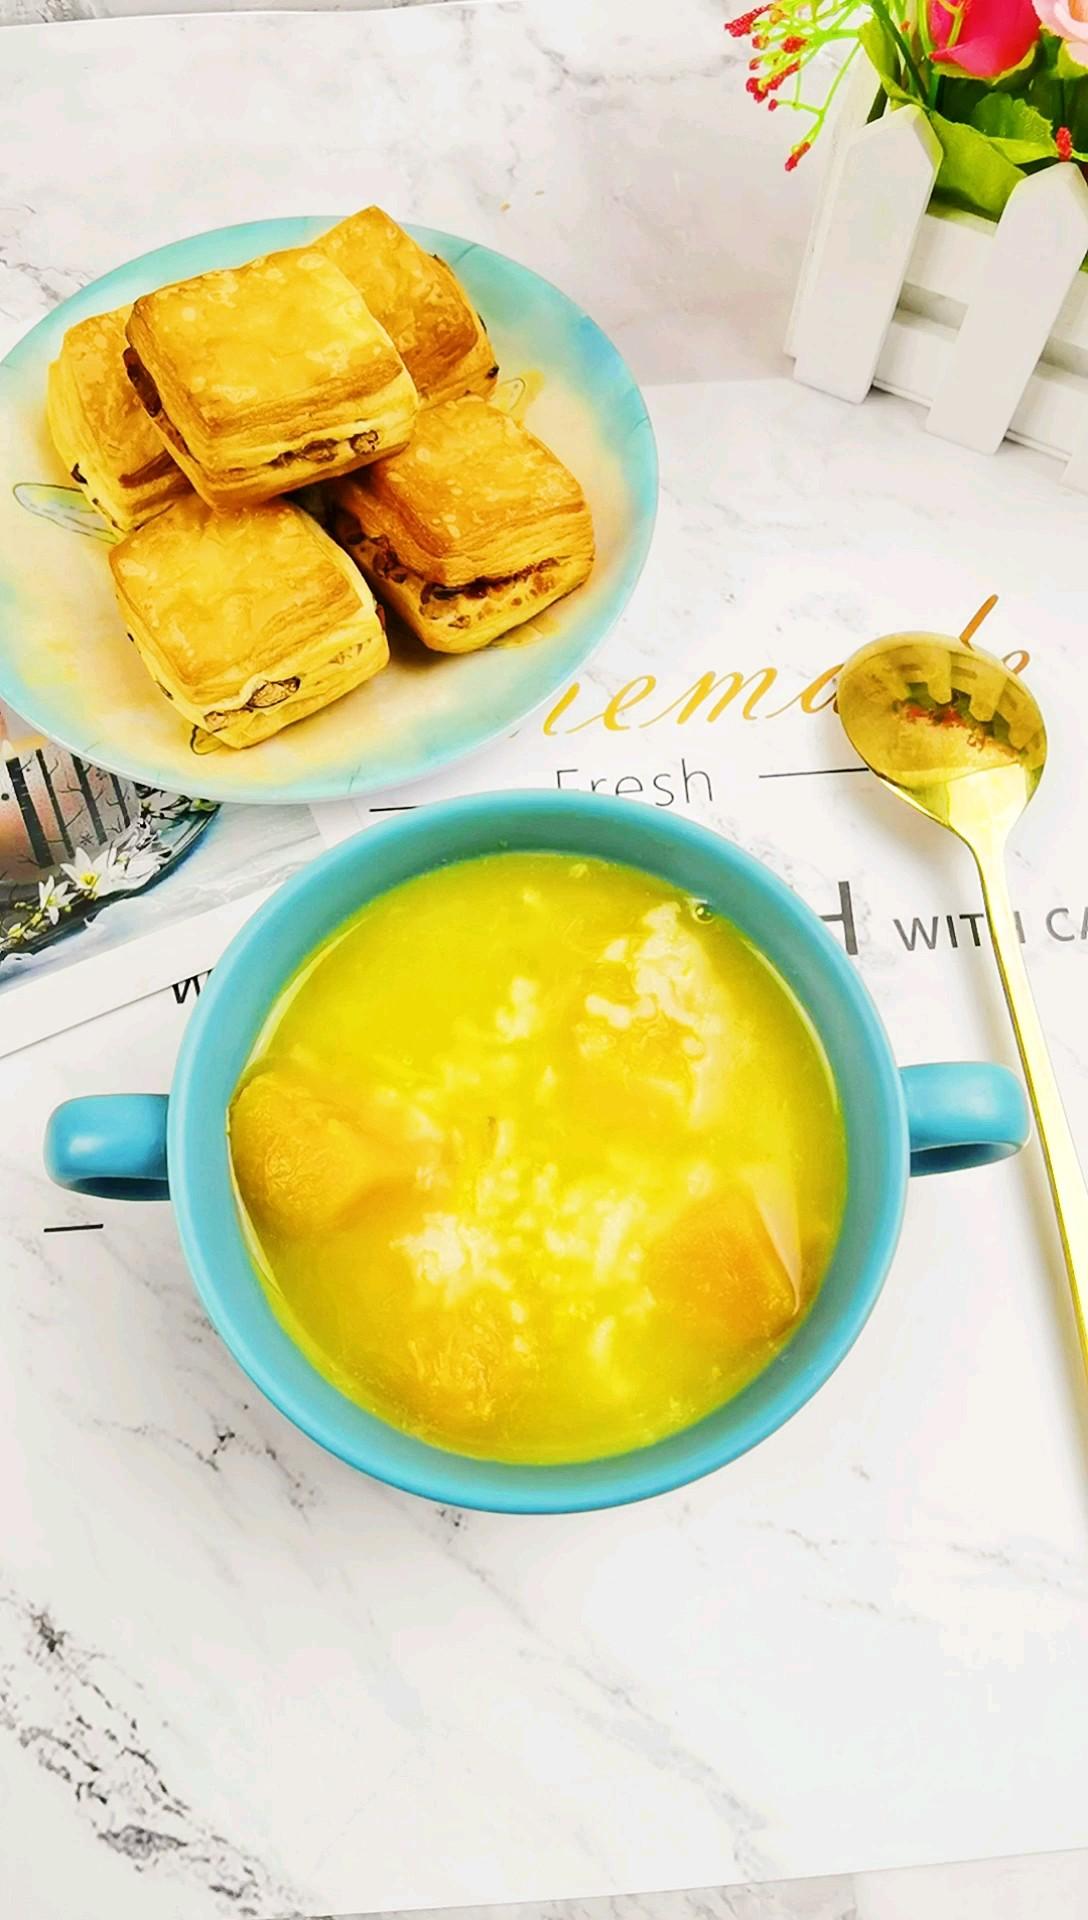 秋日养生粥-南瓜红薯粥,金灿灿甜滋滋,让人食欲满满